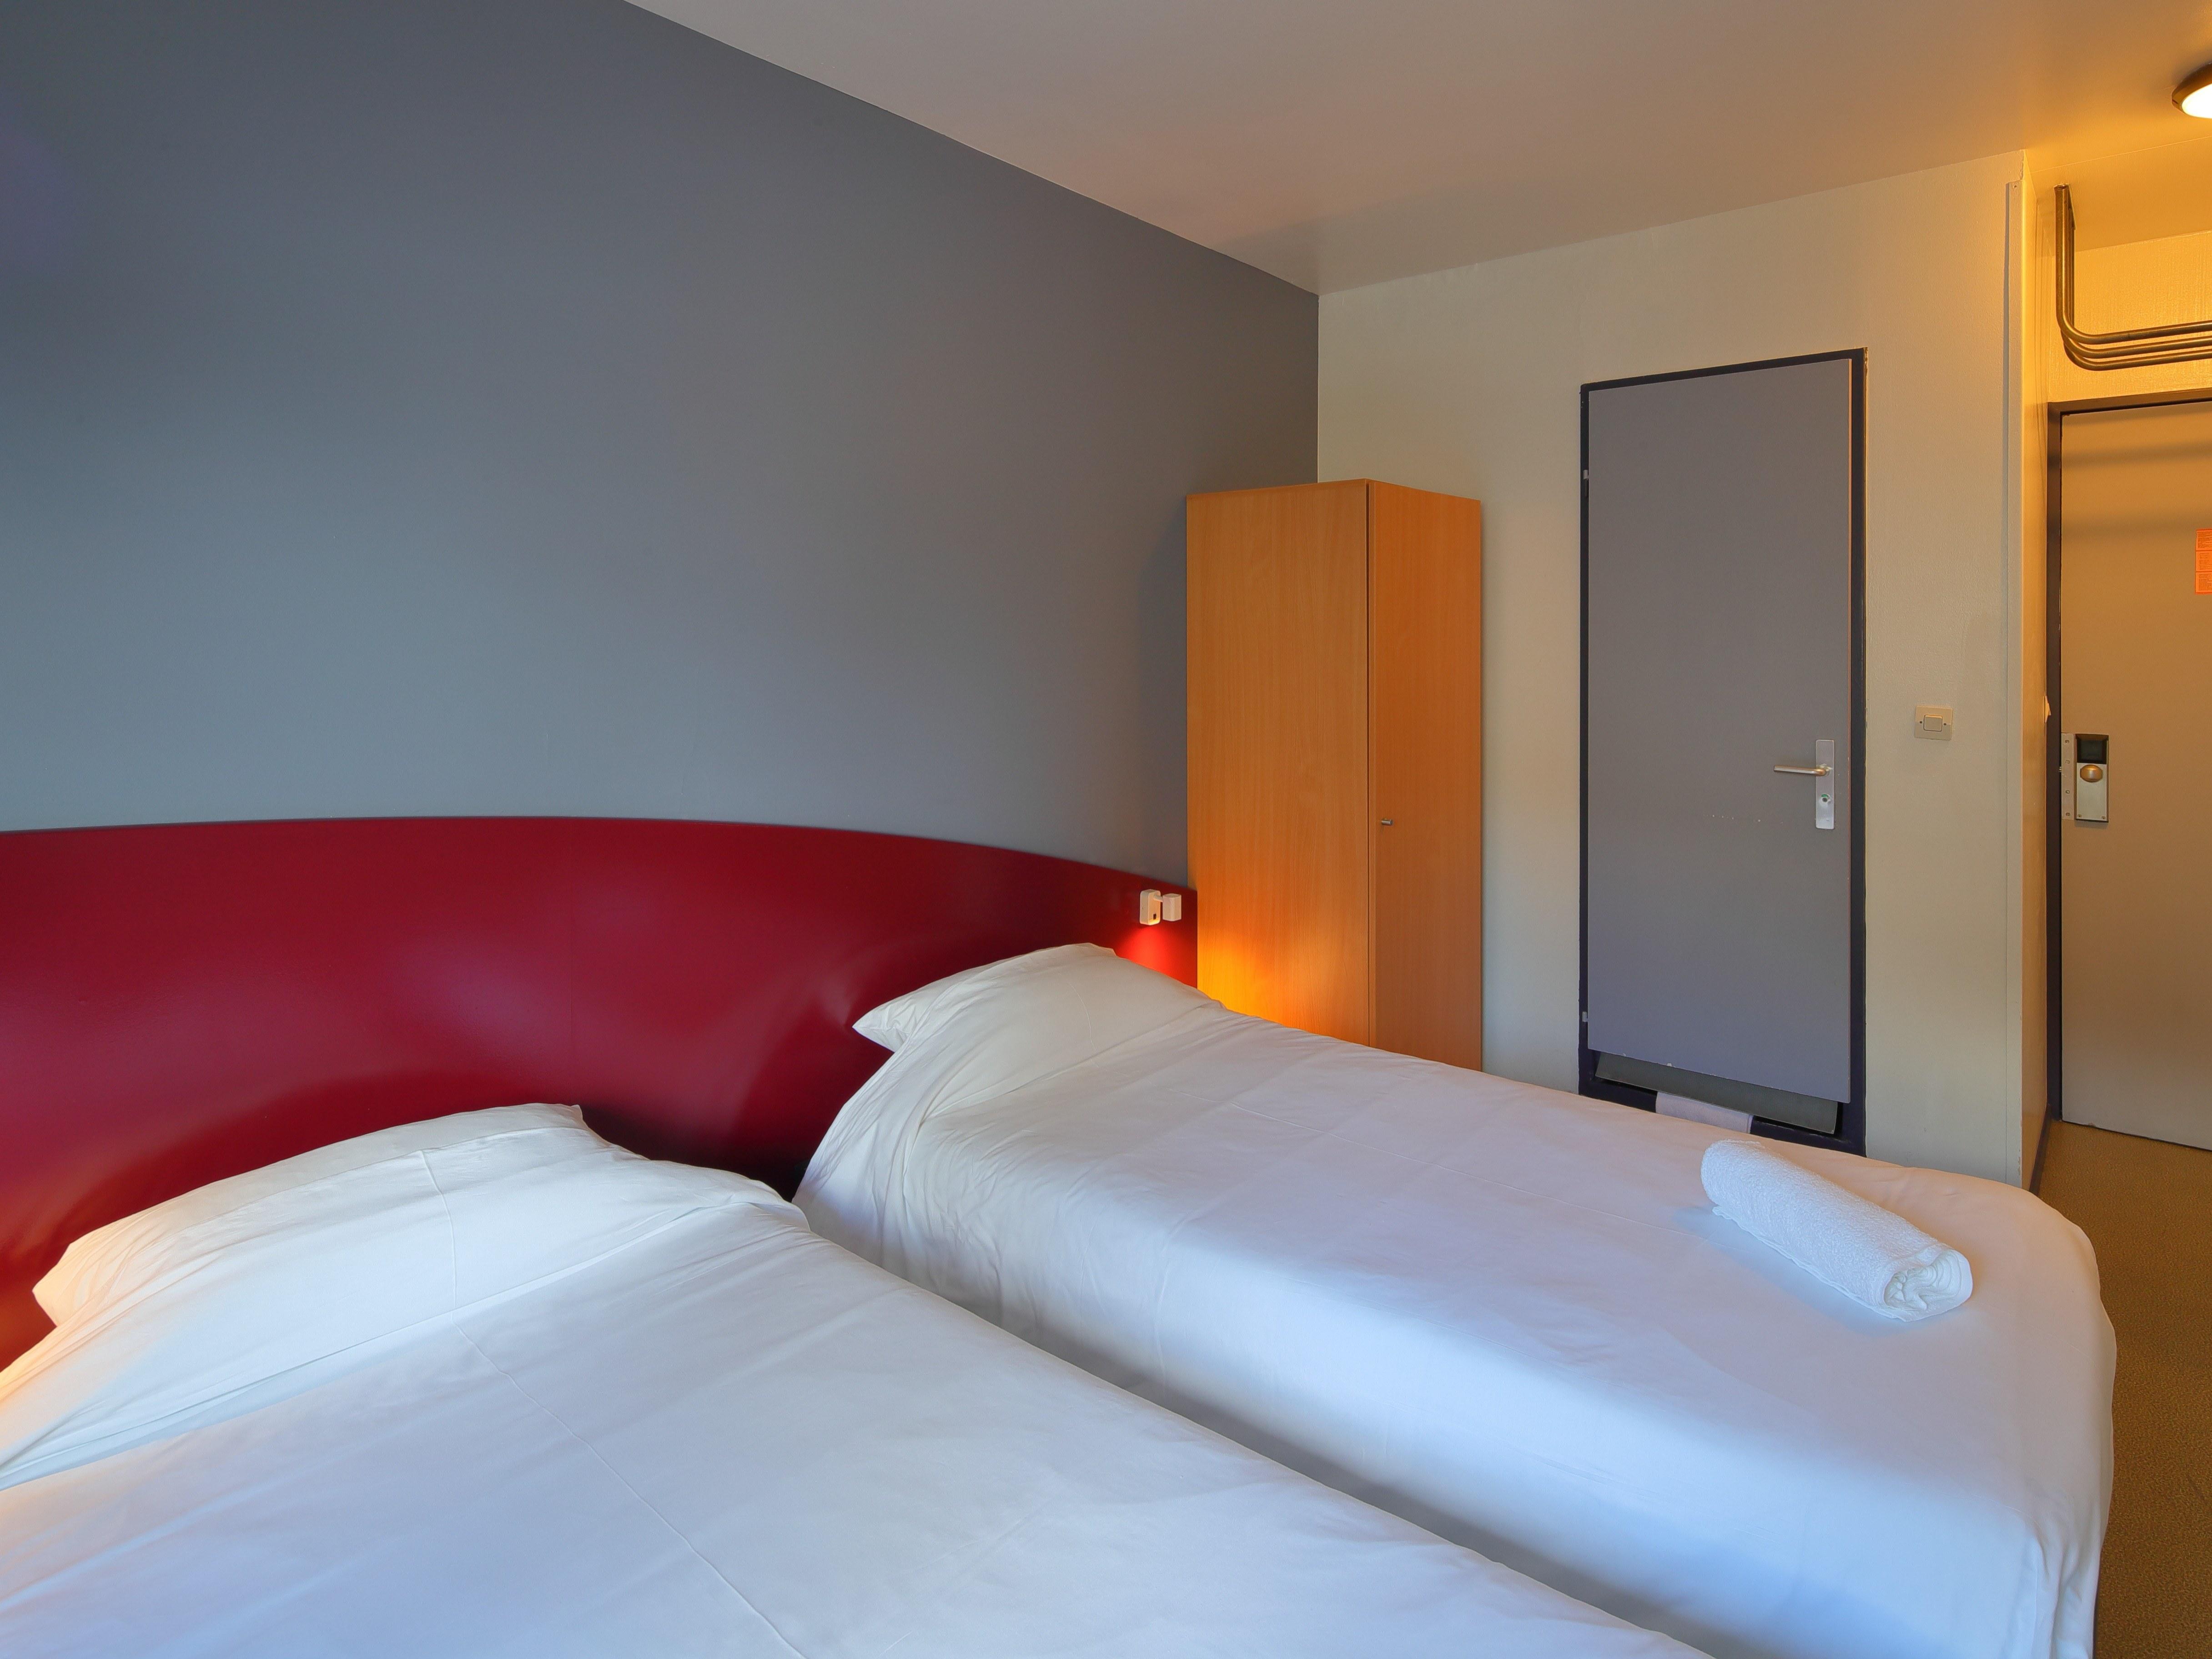 hotel-paris-13-avec-parking-chambre-lit-armoire